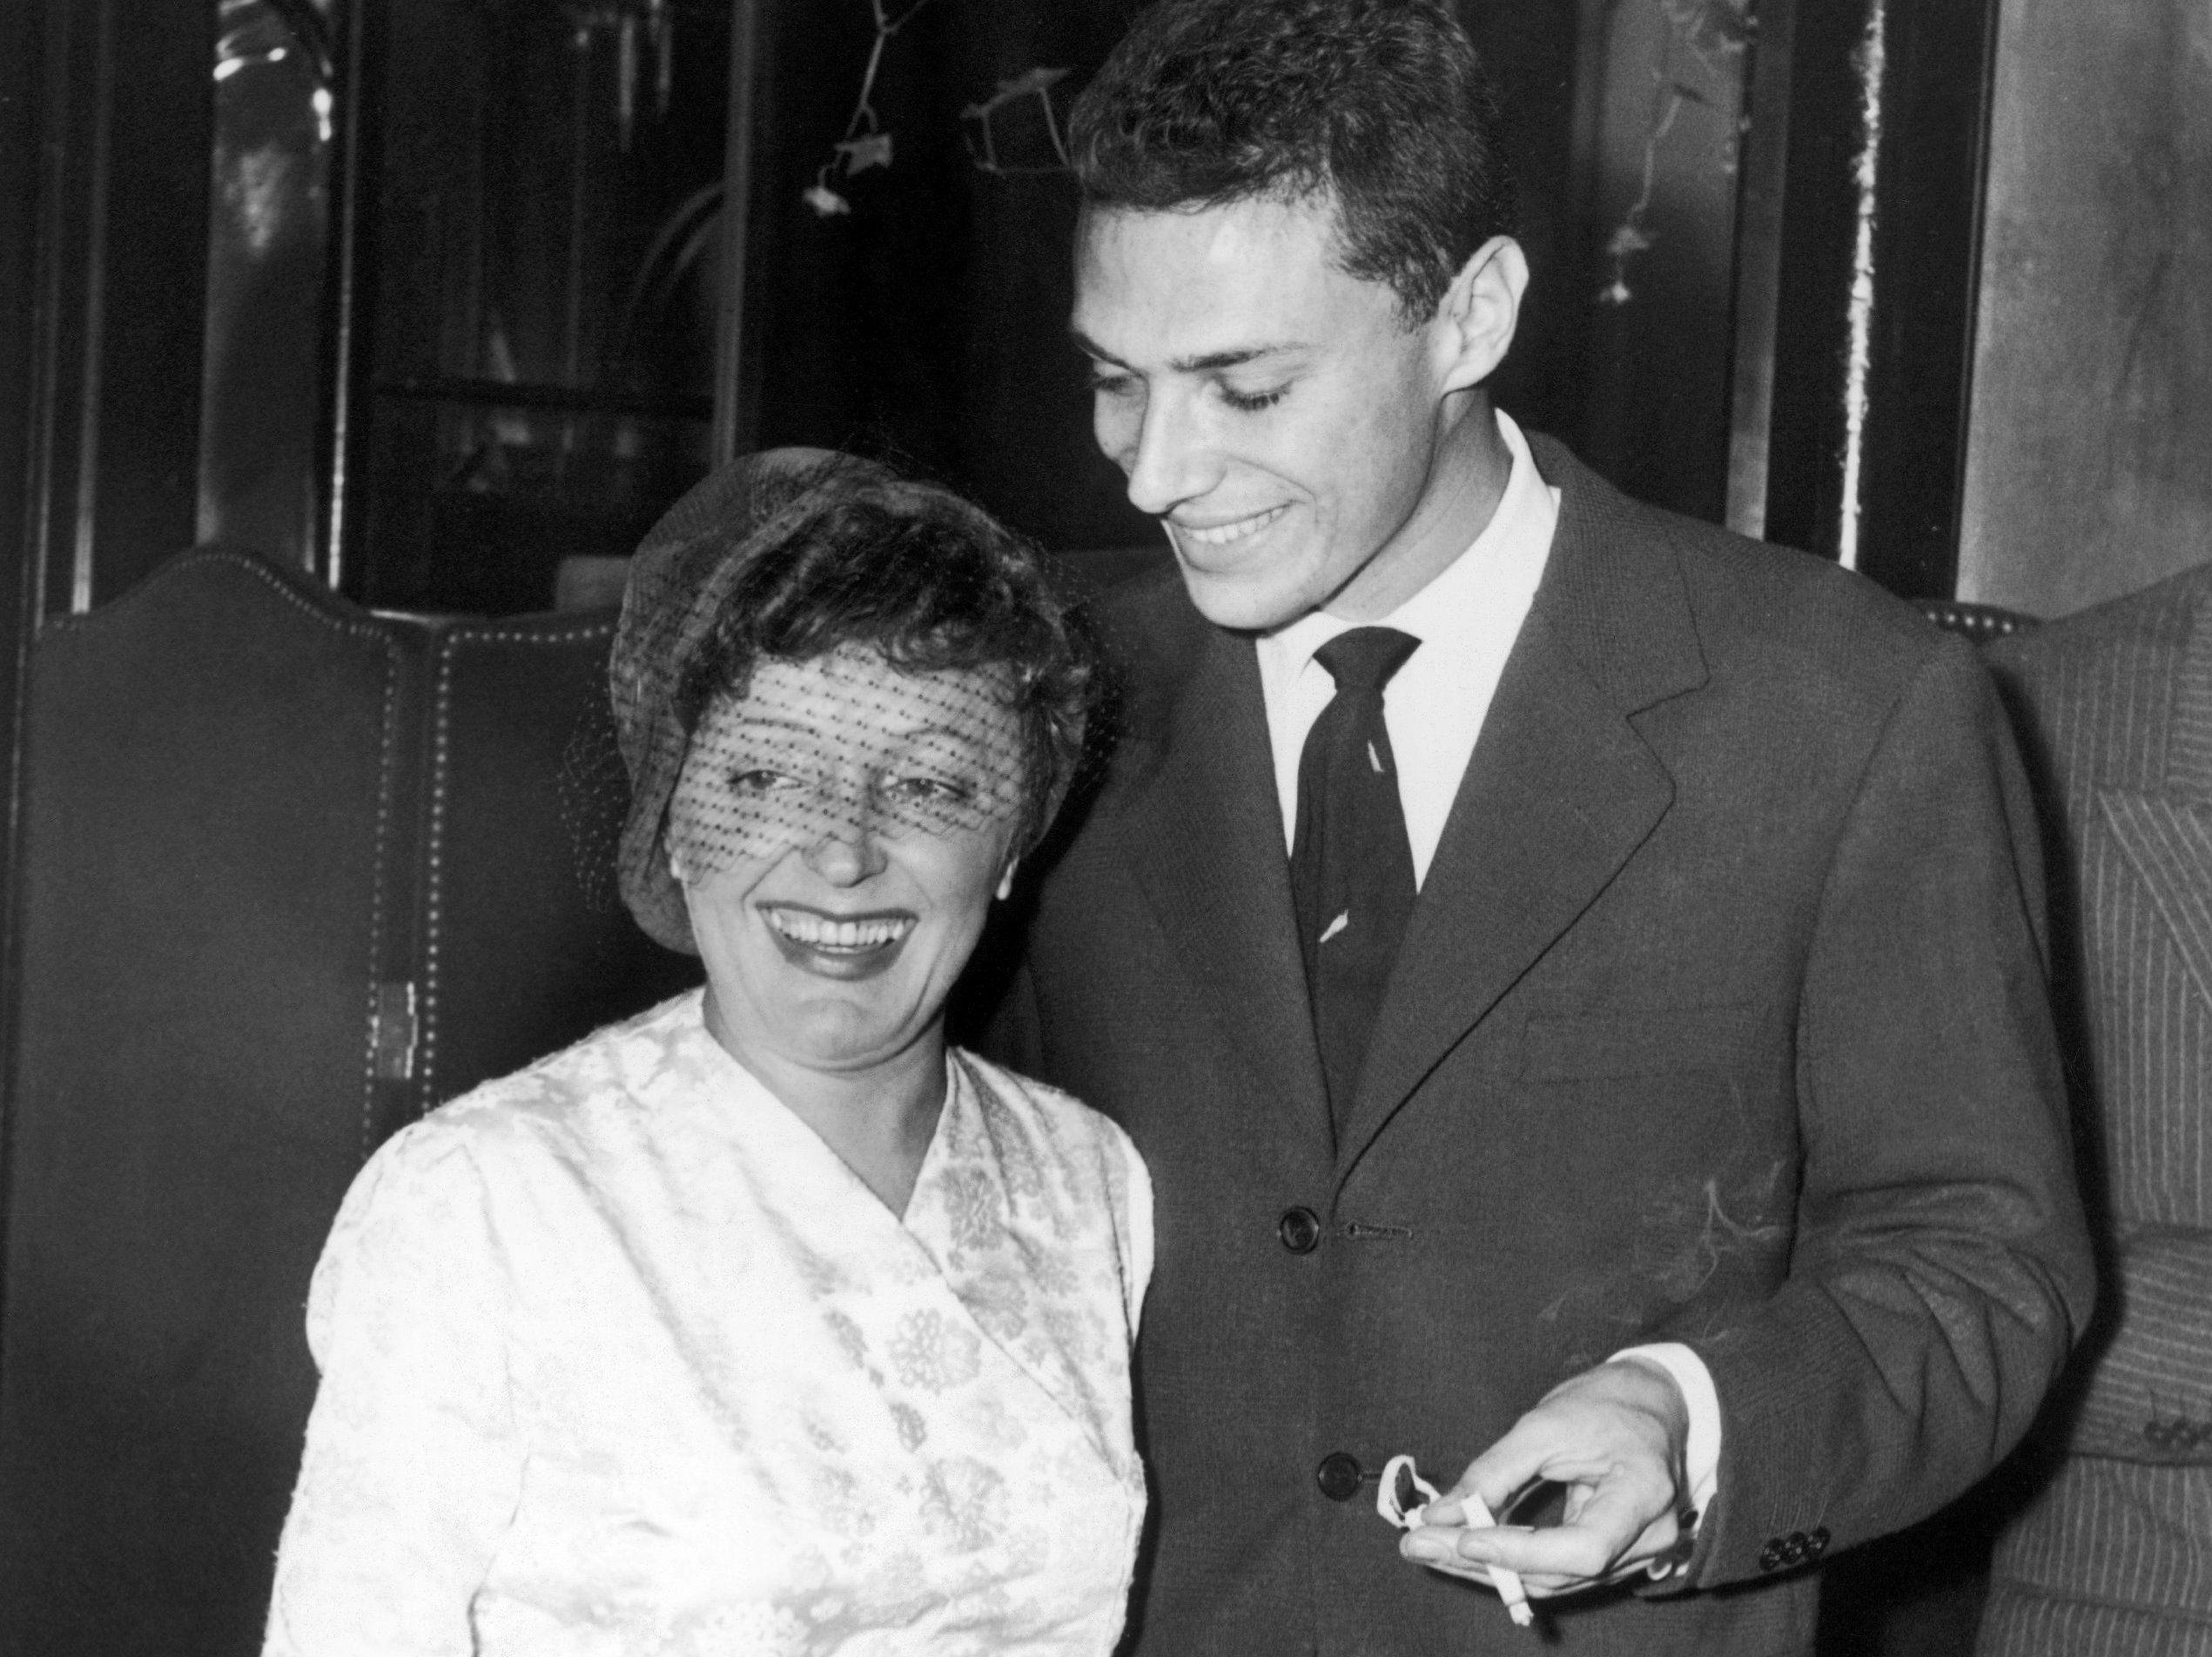 Η Édith Piaf με τον Georges Moustaki στη Νέα Υόρκη το 1958.